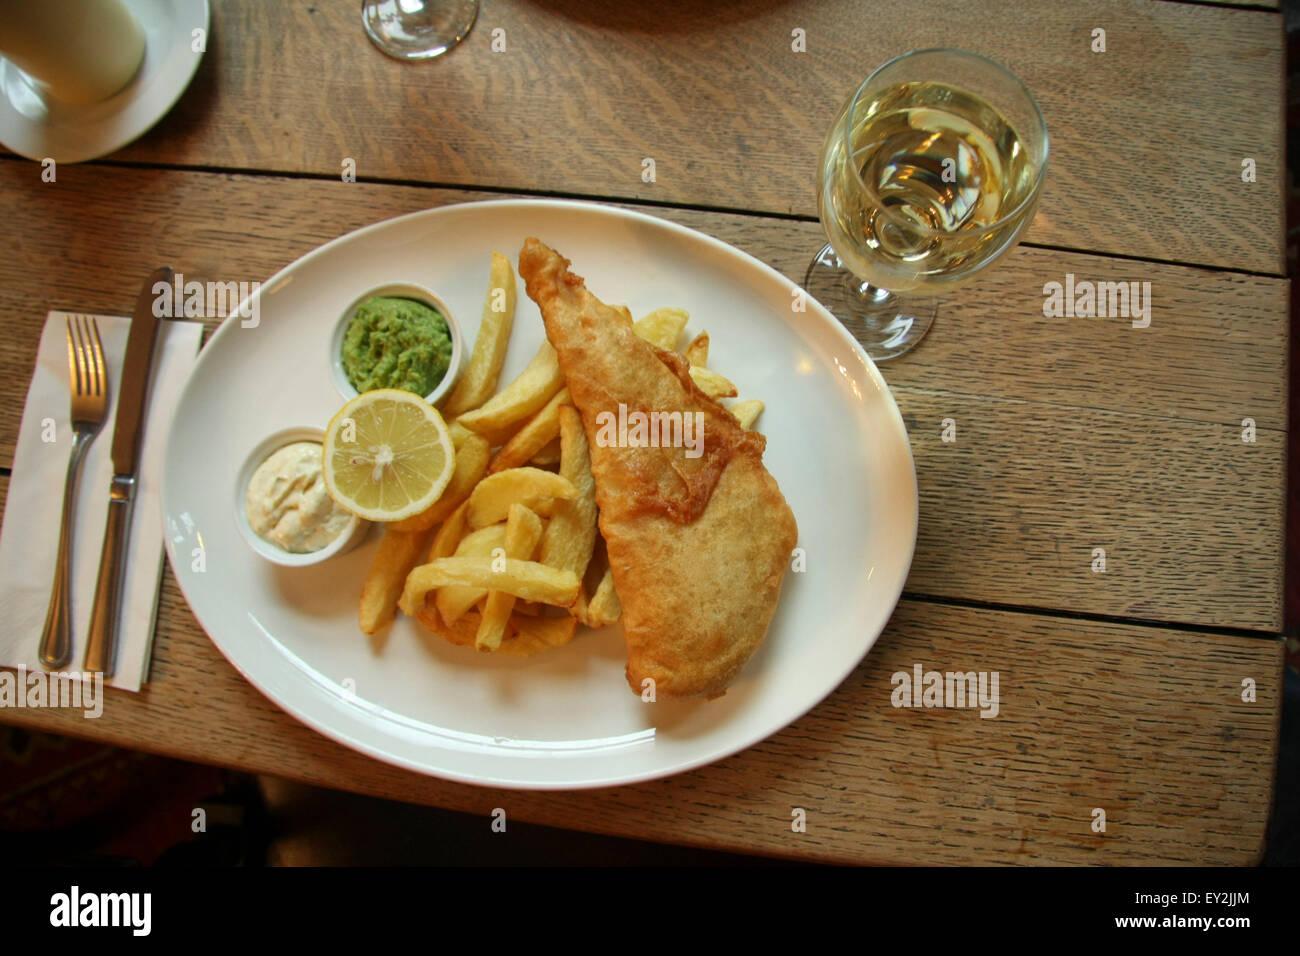 Inglese tradizionale fish & chips con funghi piselli e salsa tartara. Immagini Stock